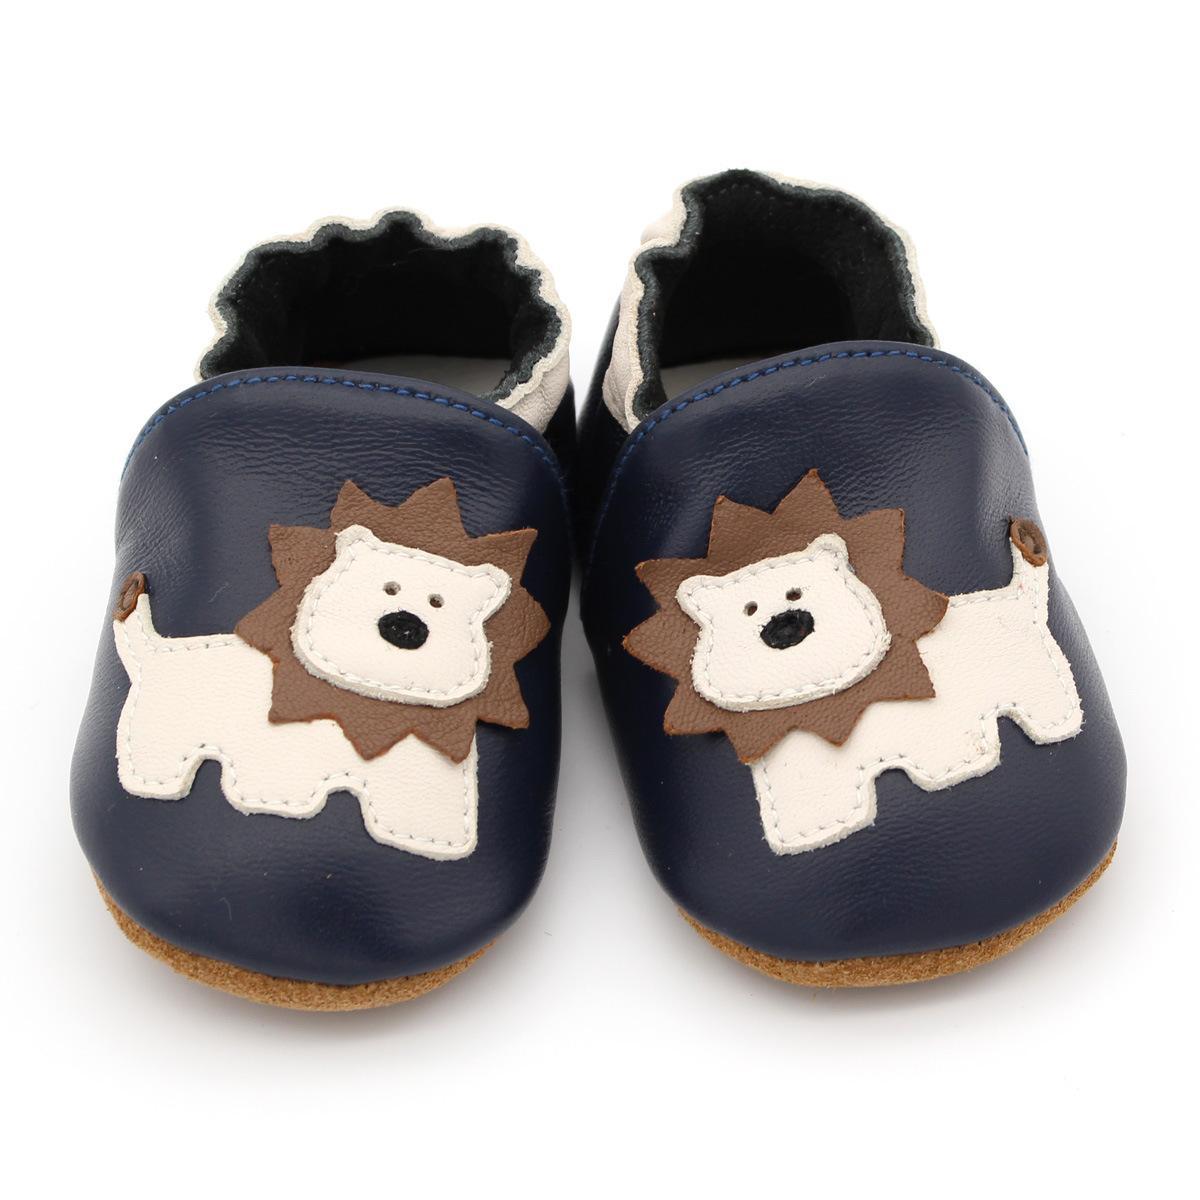 Bebé recém-nascido menina macia Sole Crib Shoes Crianças crianças leão bonito sapatos de couro Primeiro Walkers Toddlers prewalker Azul Escuro